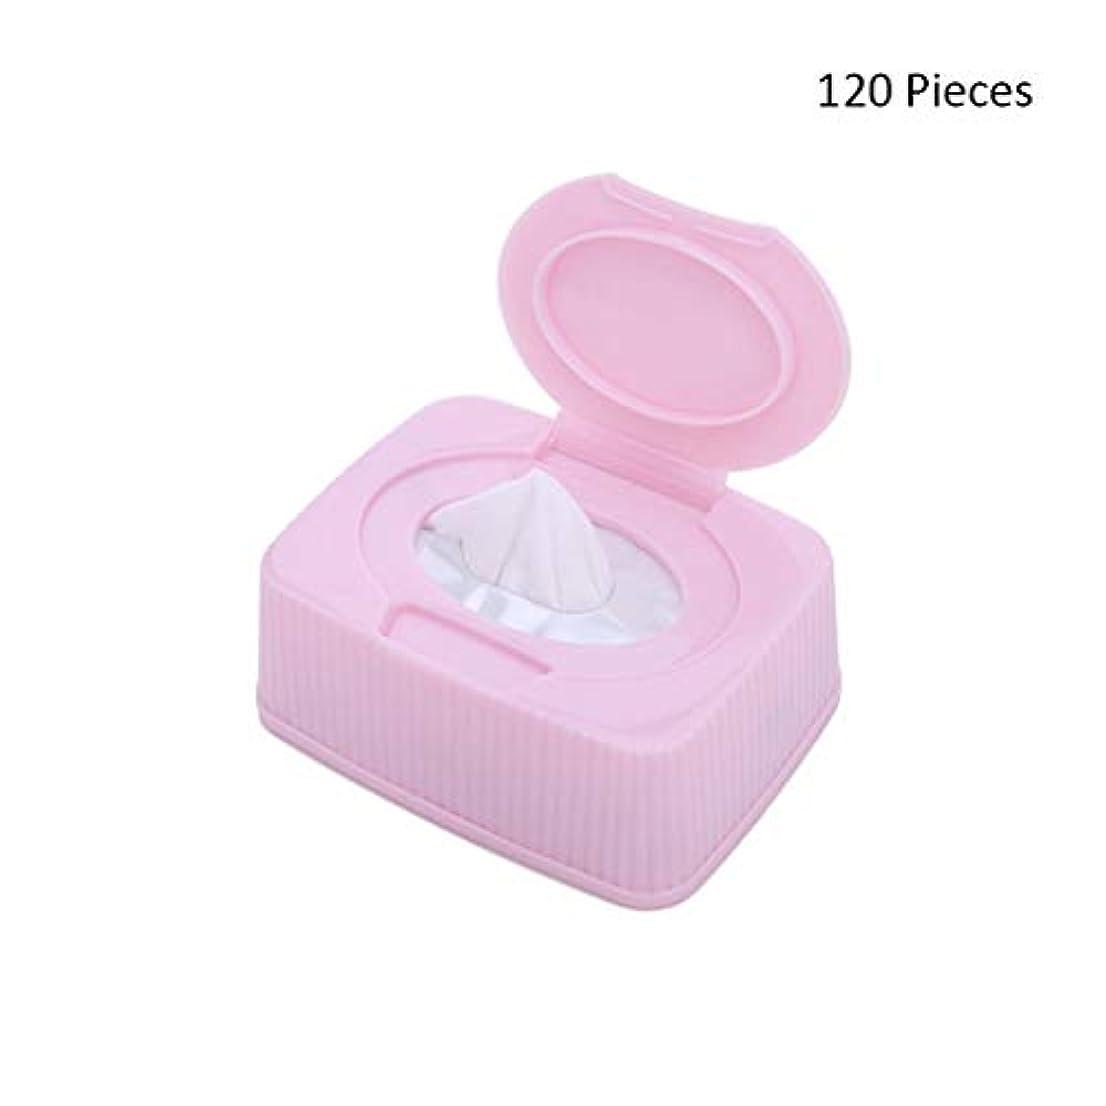 被る小麦粉物足りない120ピース/ボックスフェイスメイク落としフェイシャル化粧品リムーバーパッドメイクアップコットンクリーナースキンケアワイプフェイスウォッシュコットンパッド (Color : Pink, サイズ : 120 pieces)